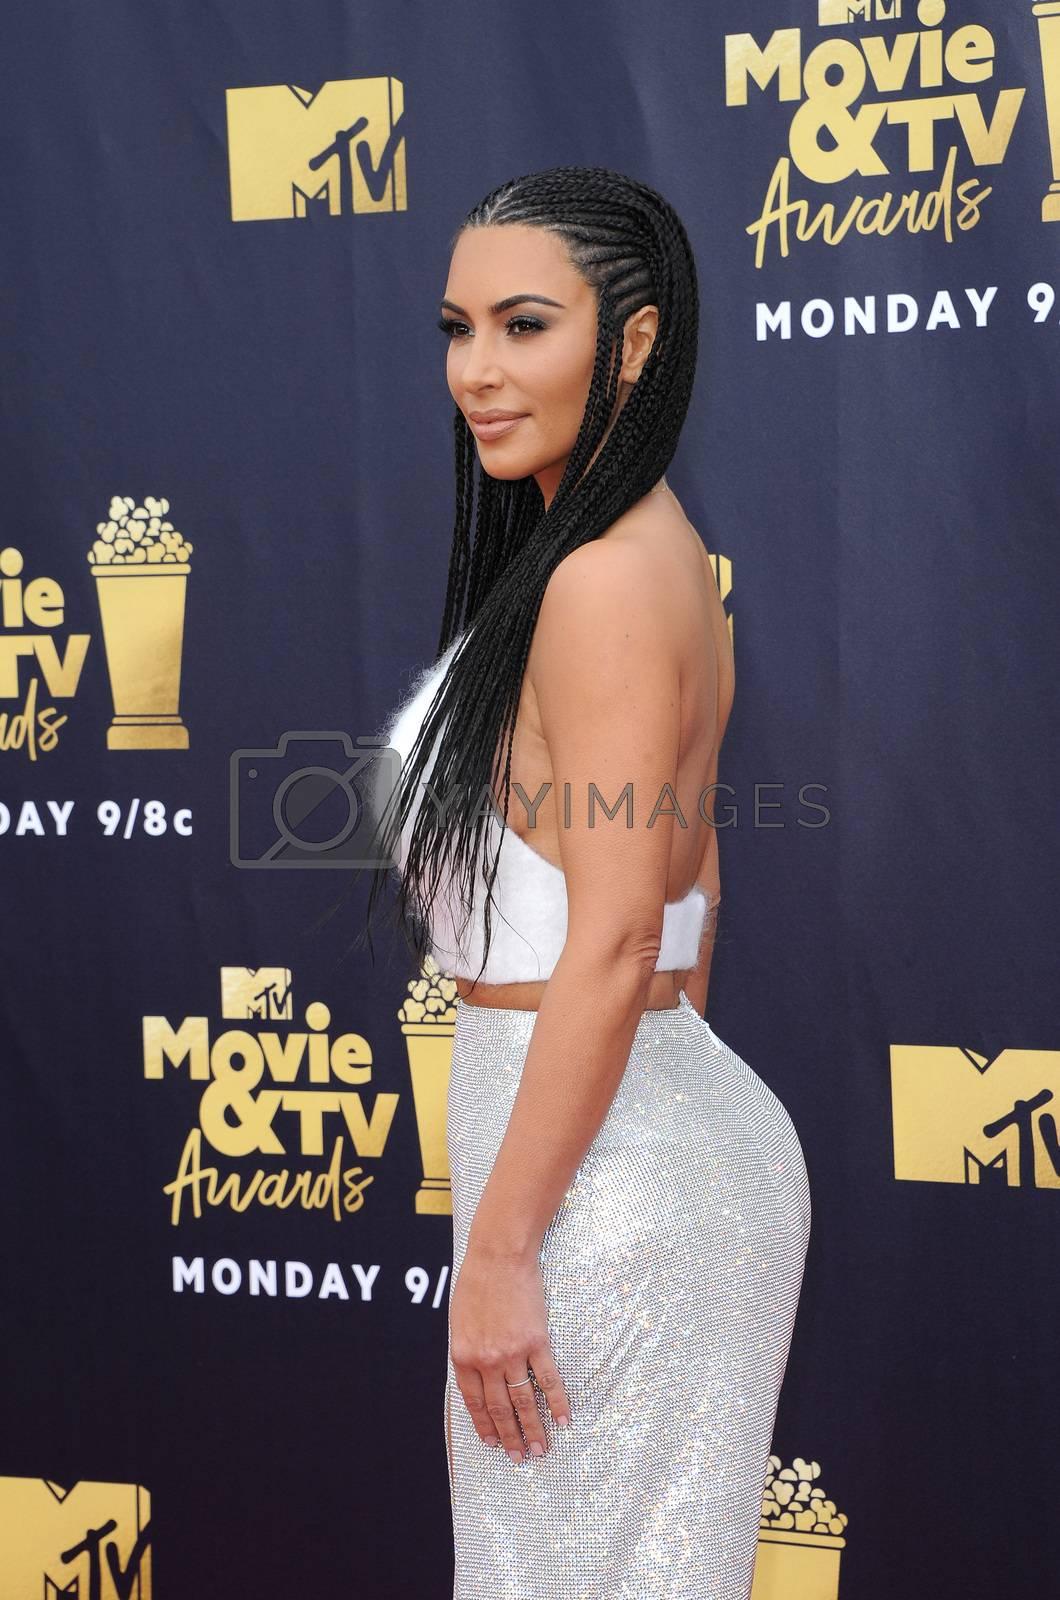 Kim Kardashian at the 2018 MTV Movie And TV Awards held at the Barker Hangar in Santa Monica, USA on June 16, 2018.